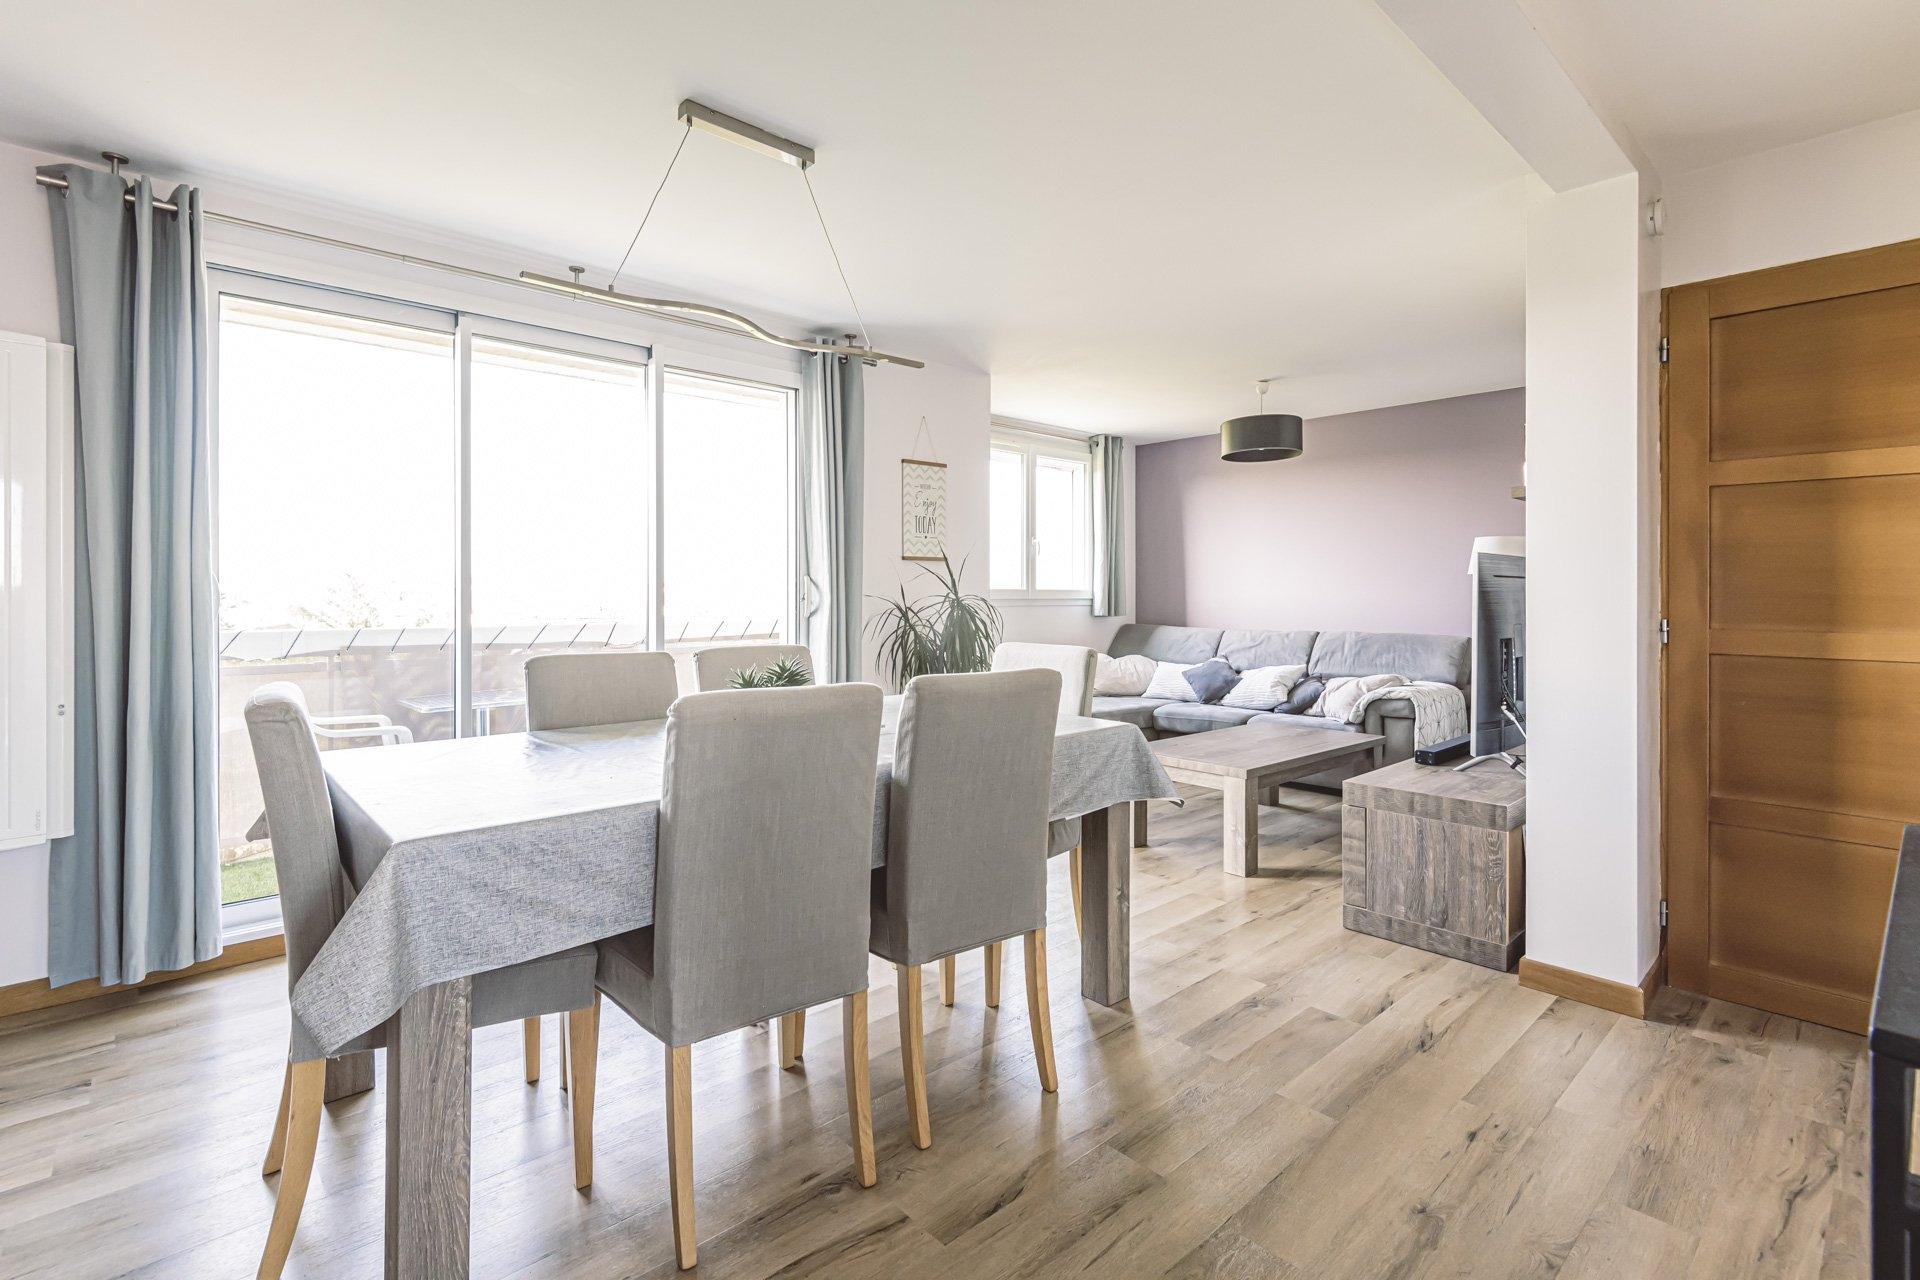 Appartement Tinqueux 4 Pièces 61.88 m2 - Balcon - 1